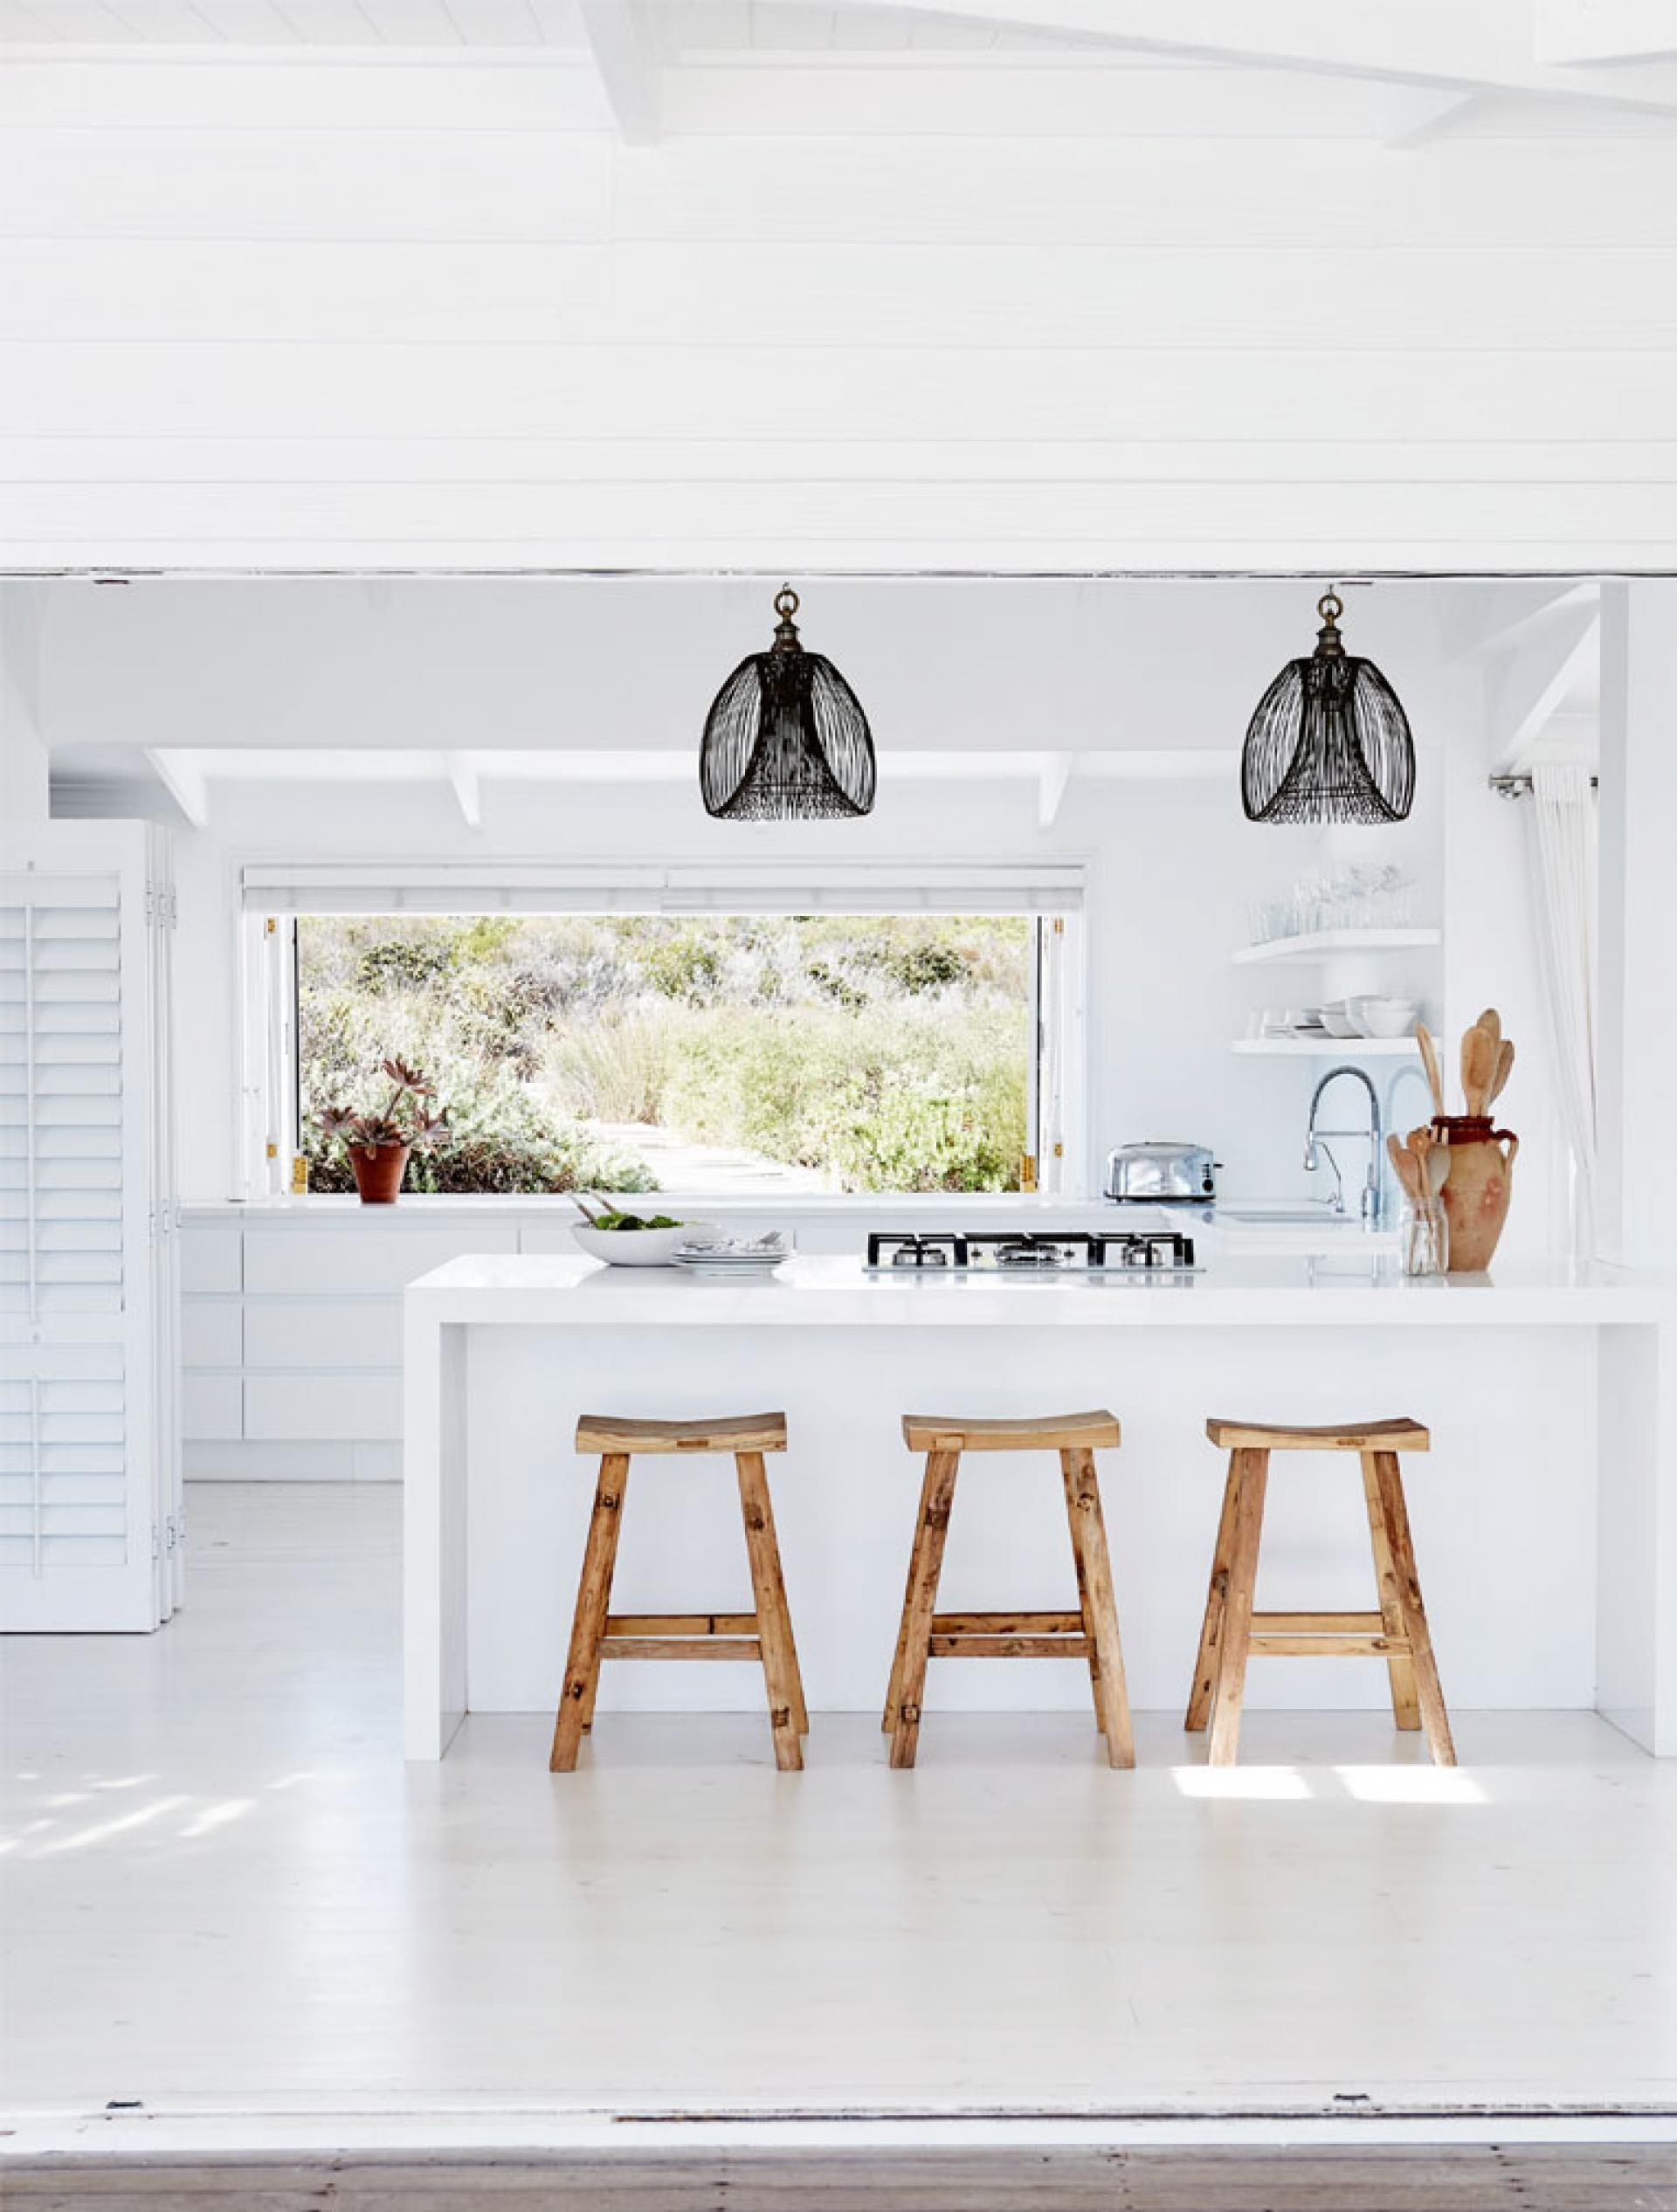 Pin von tracey maree cameron auf kitchen | Pinterest | Küche, Küche ...